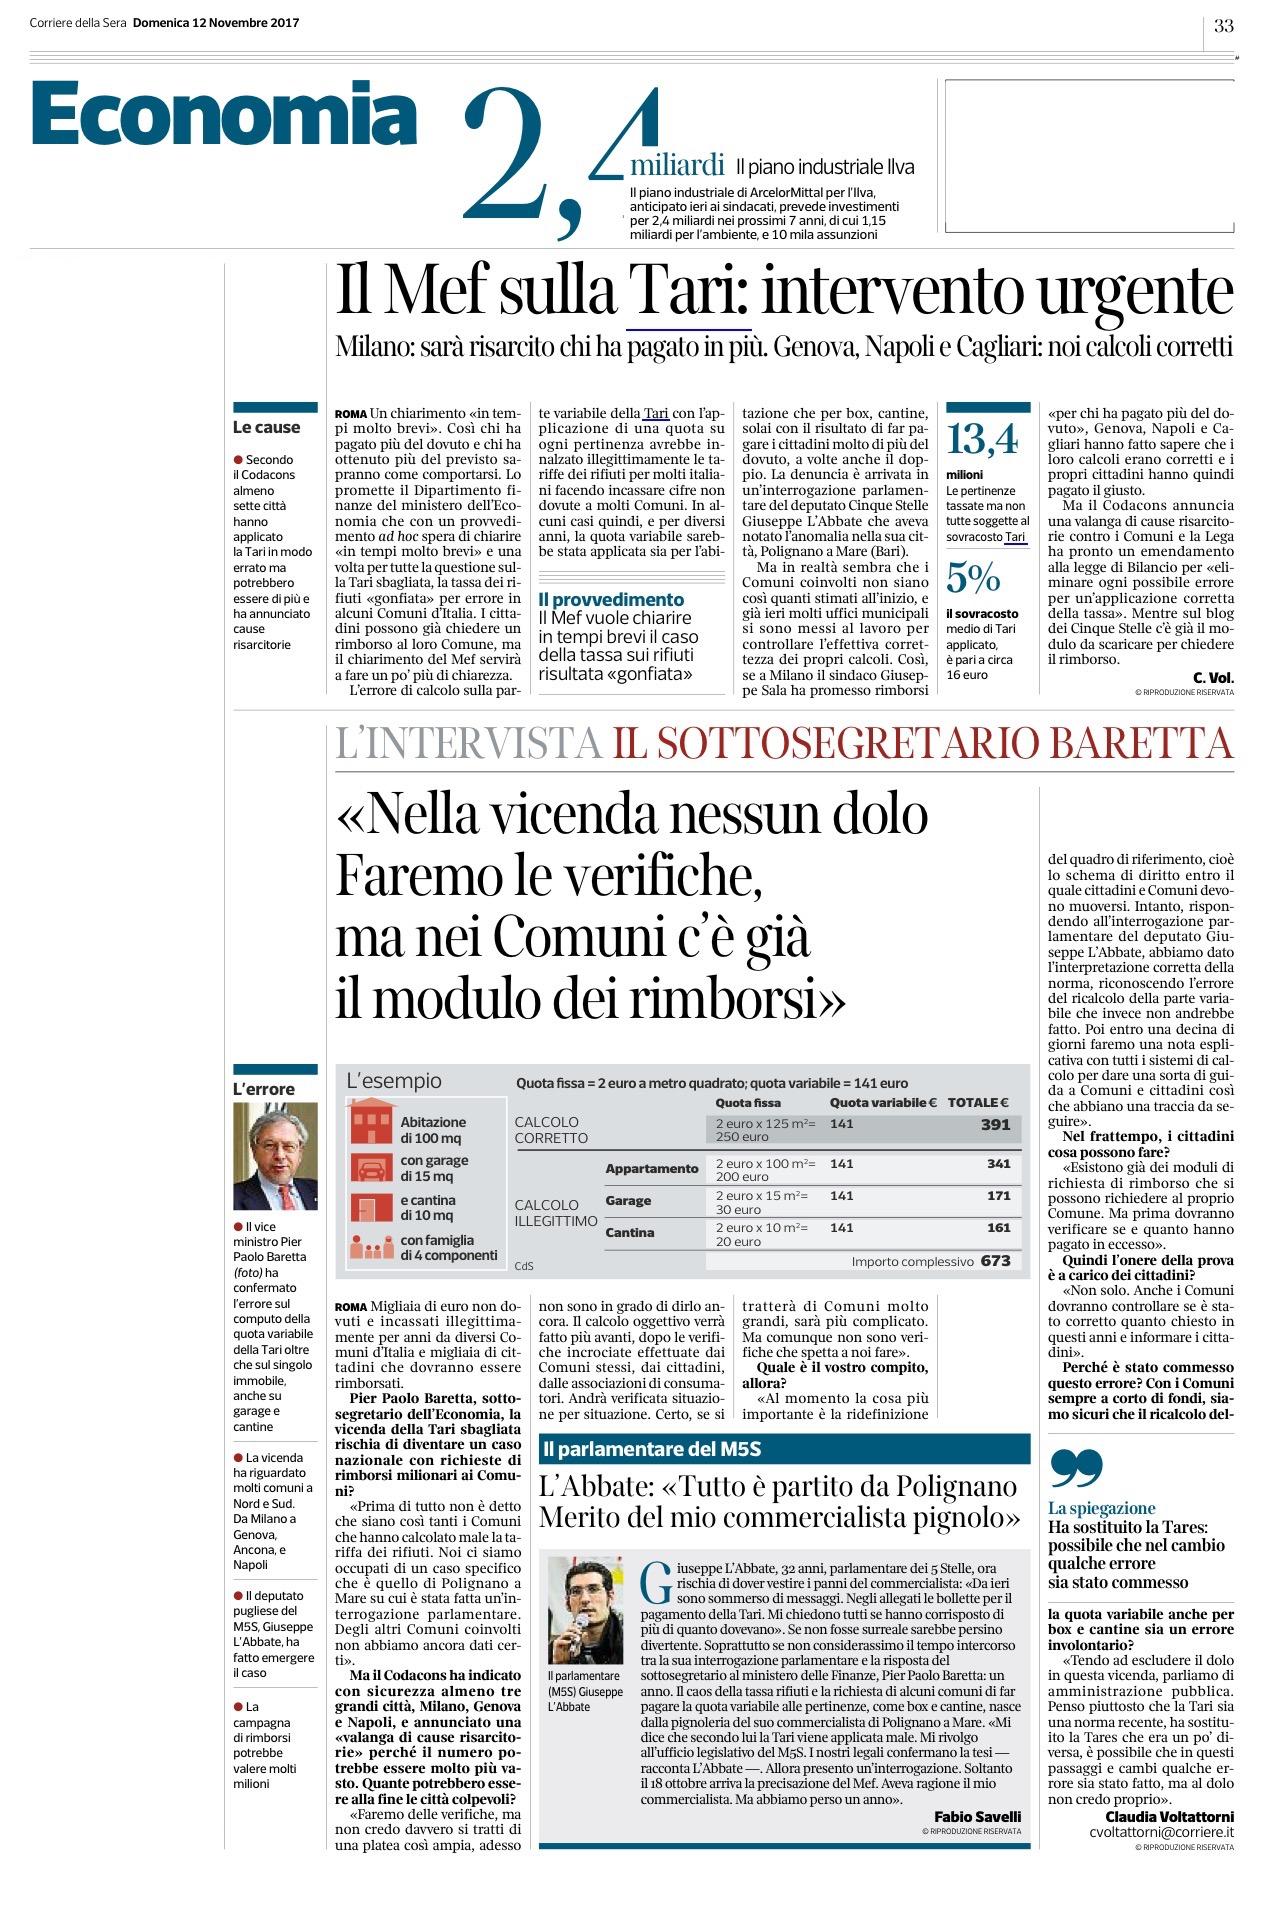 Il Corriere della Sera - 12.11.2017